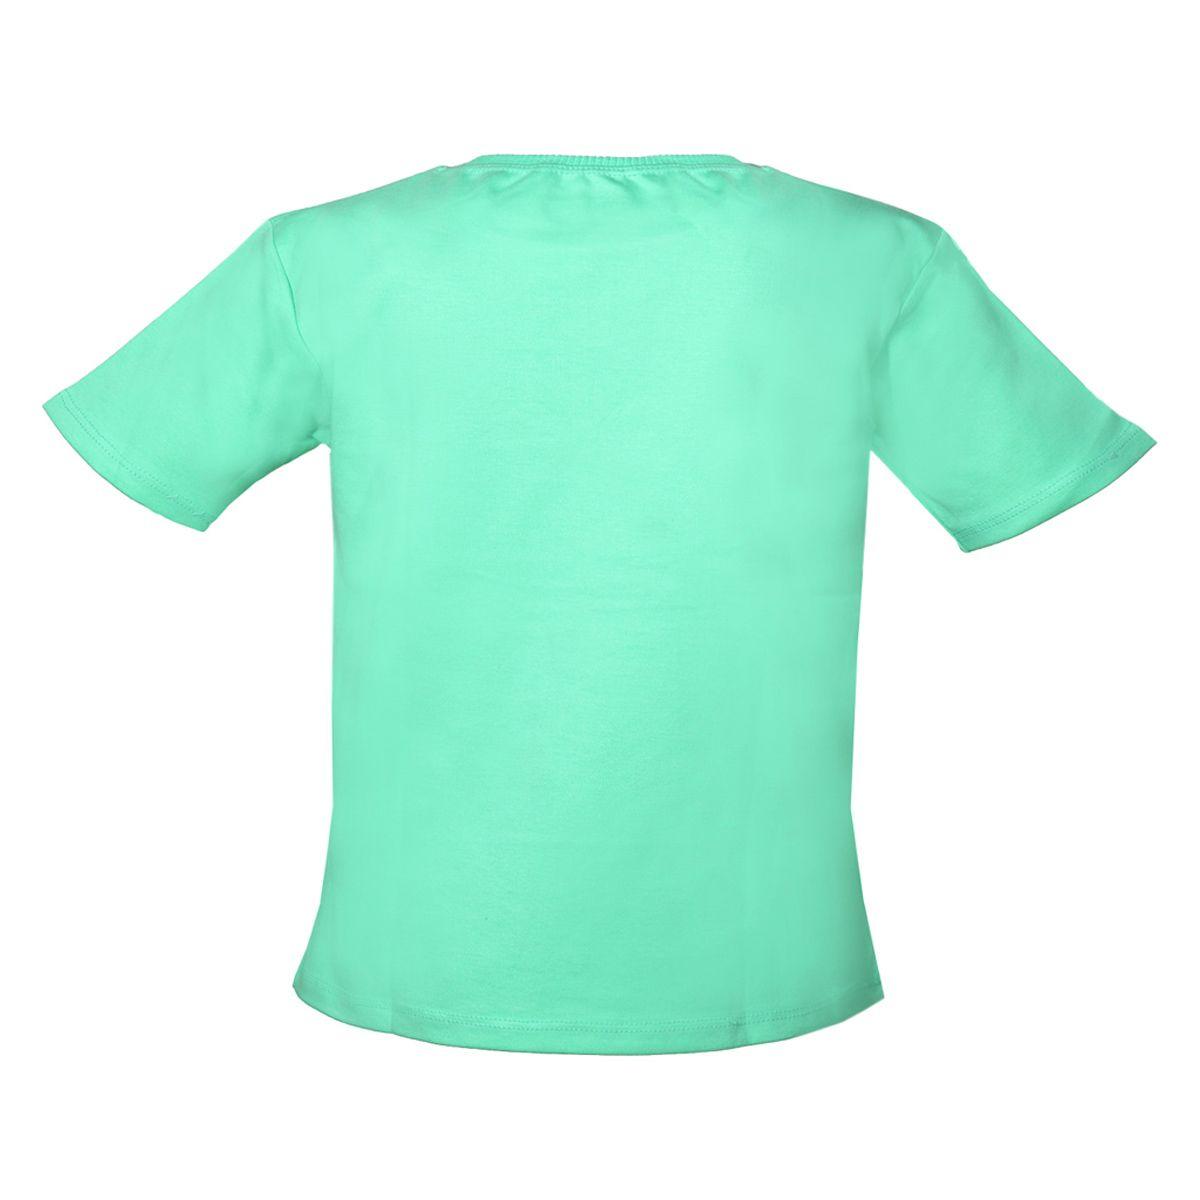 ست تی شرت و شلوارک پسرانه کد 4147 -  - 3